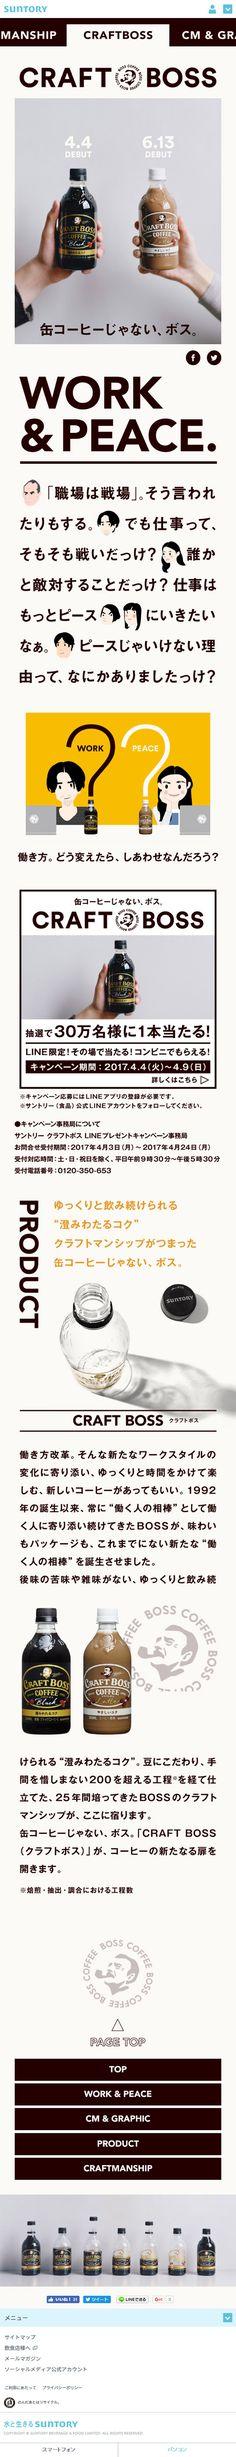 CRAFT BOSS【飲料・お酒関連】のLPデザイン。WEBデザイナーさん必見!スマホランディングページのデザイン参考に(シンプル系)